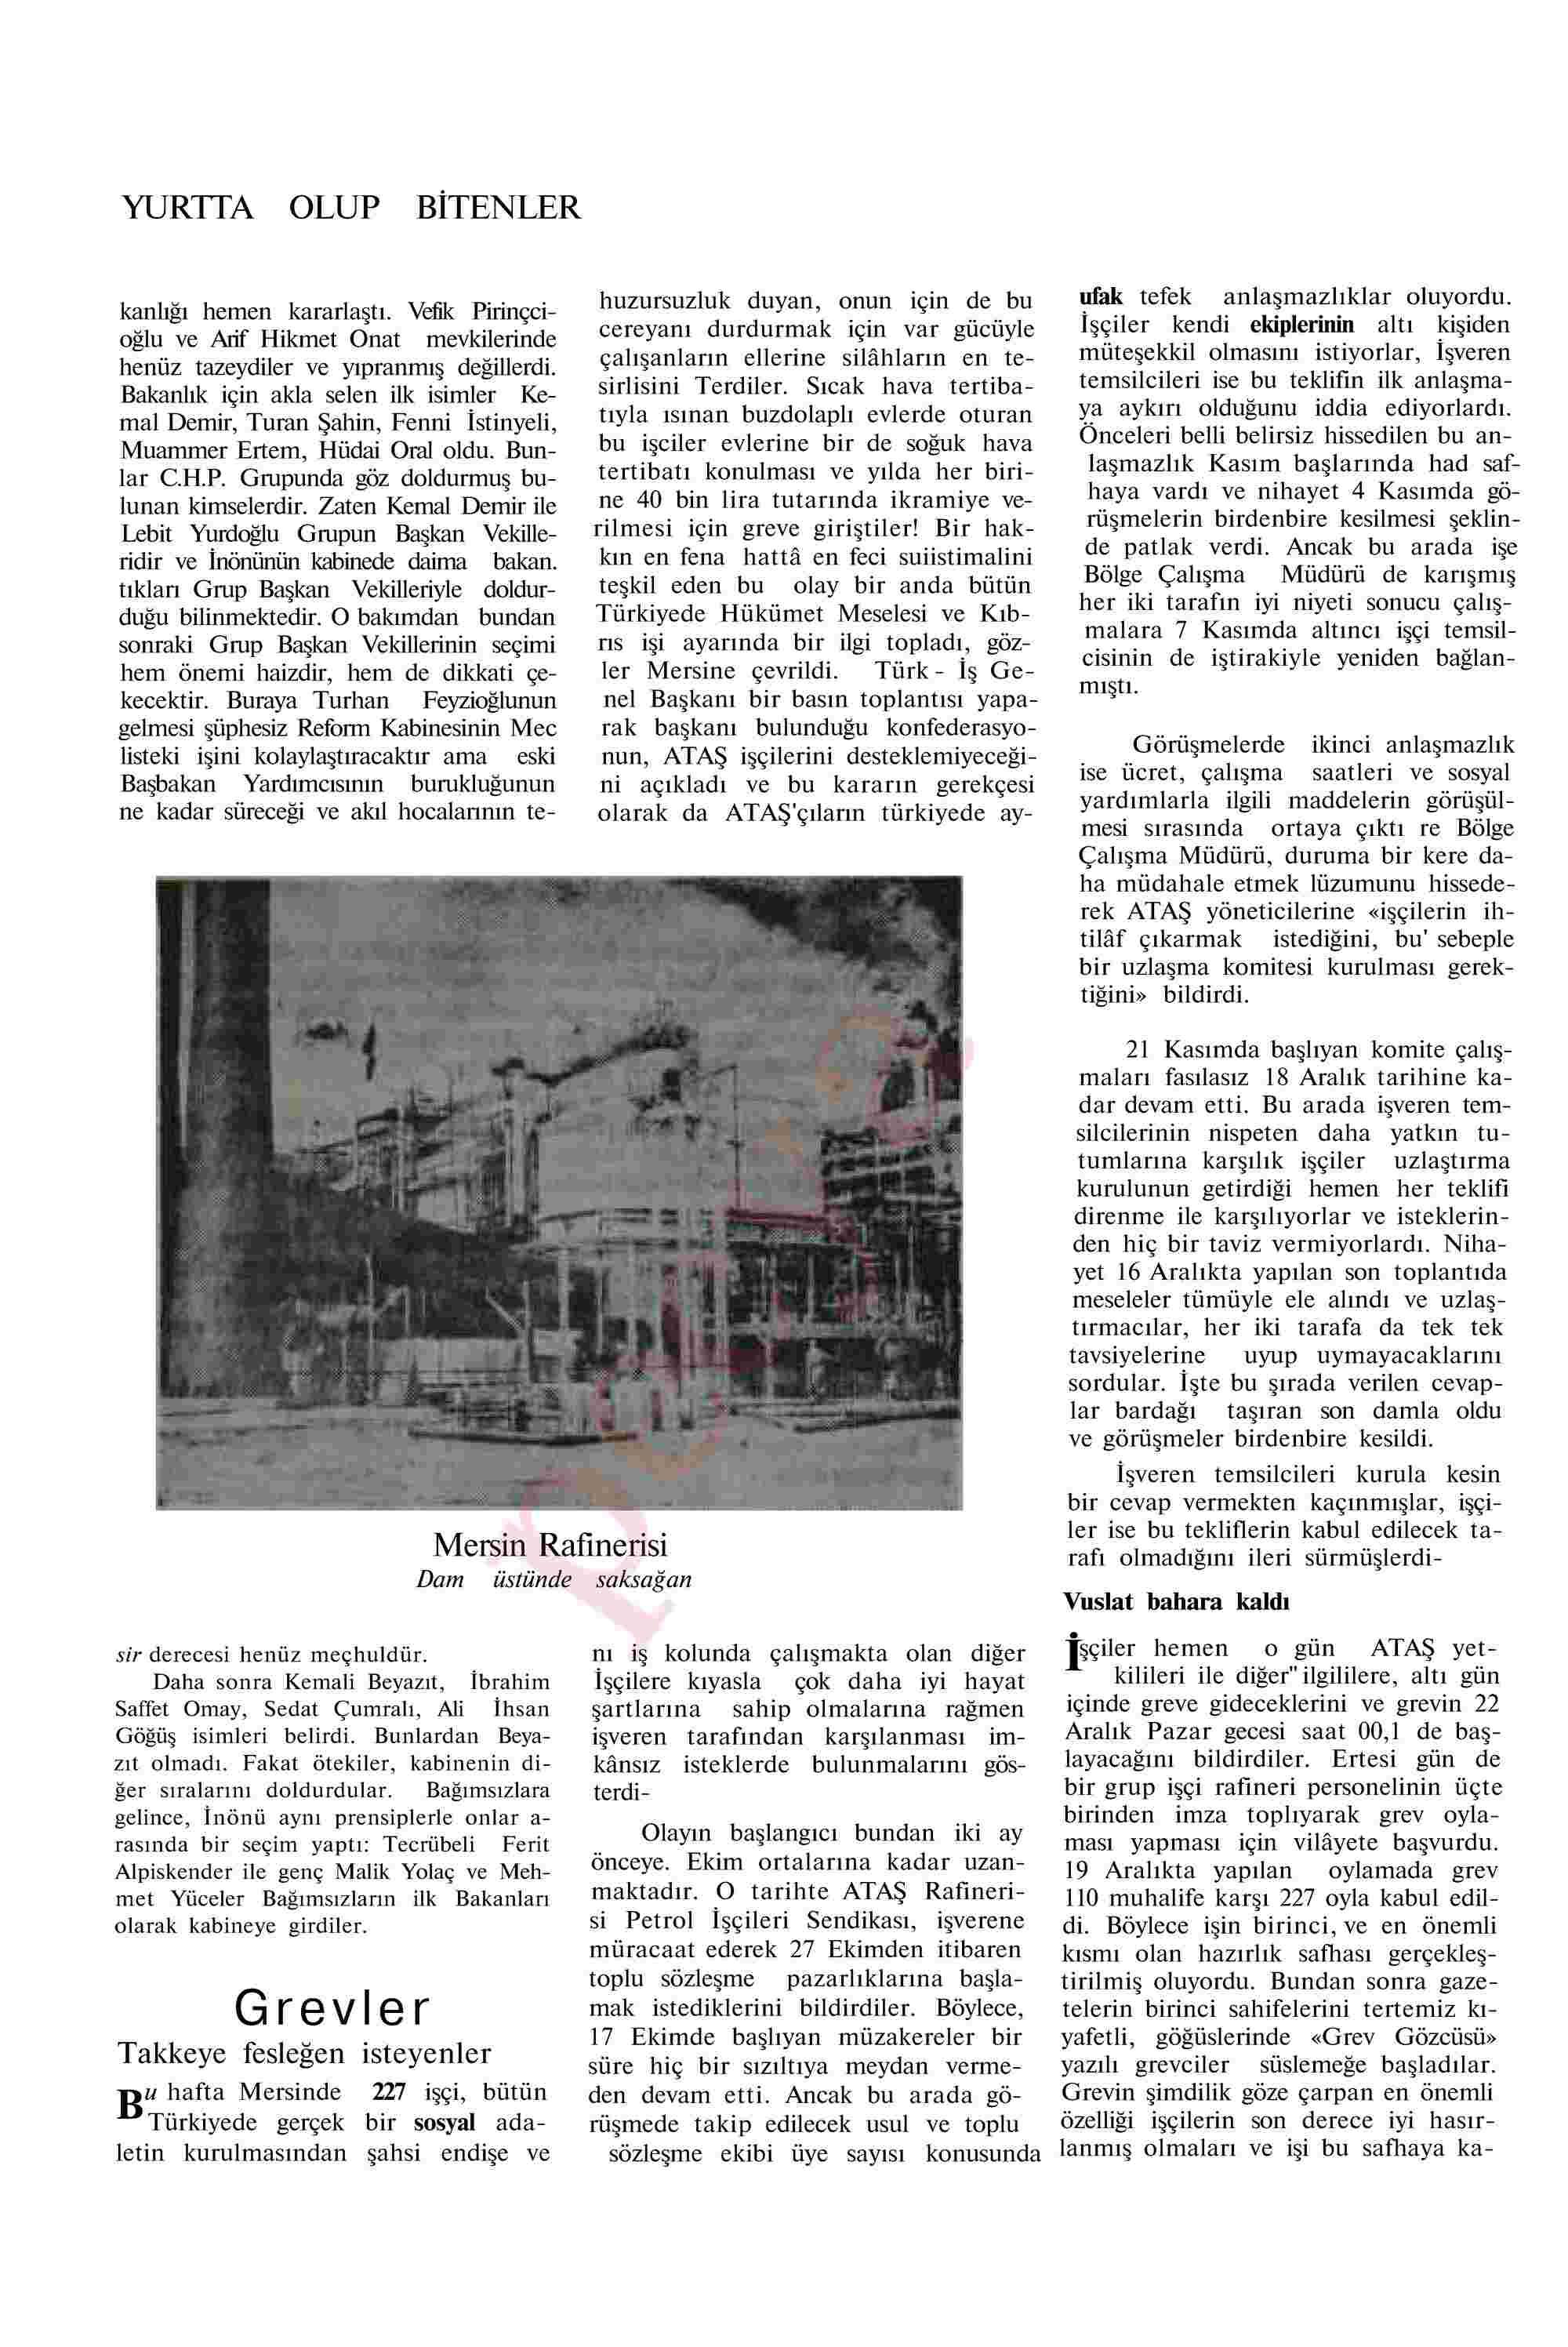 28 Aralık 1963 Tarihli Akis Dergisi Sayfa 14